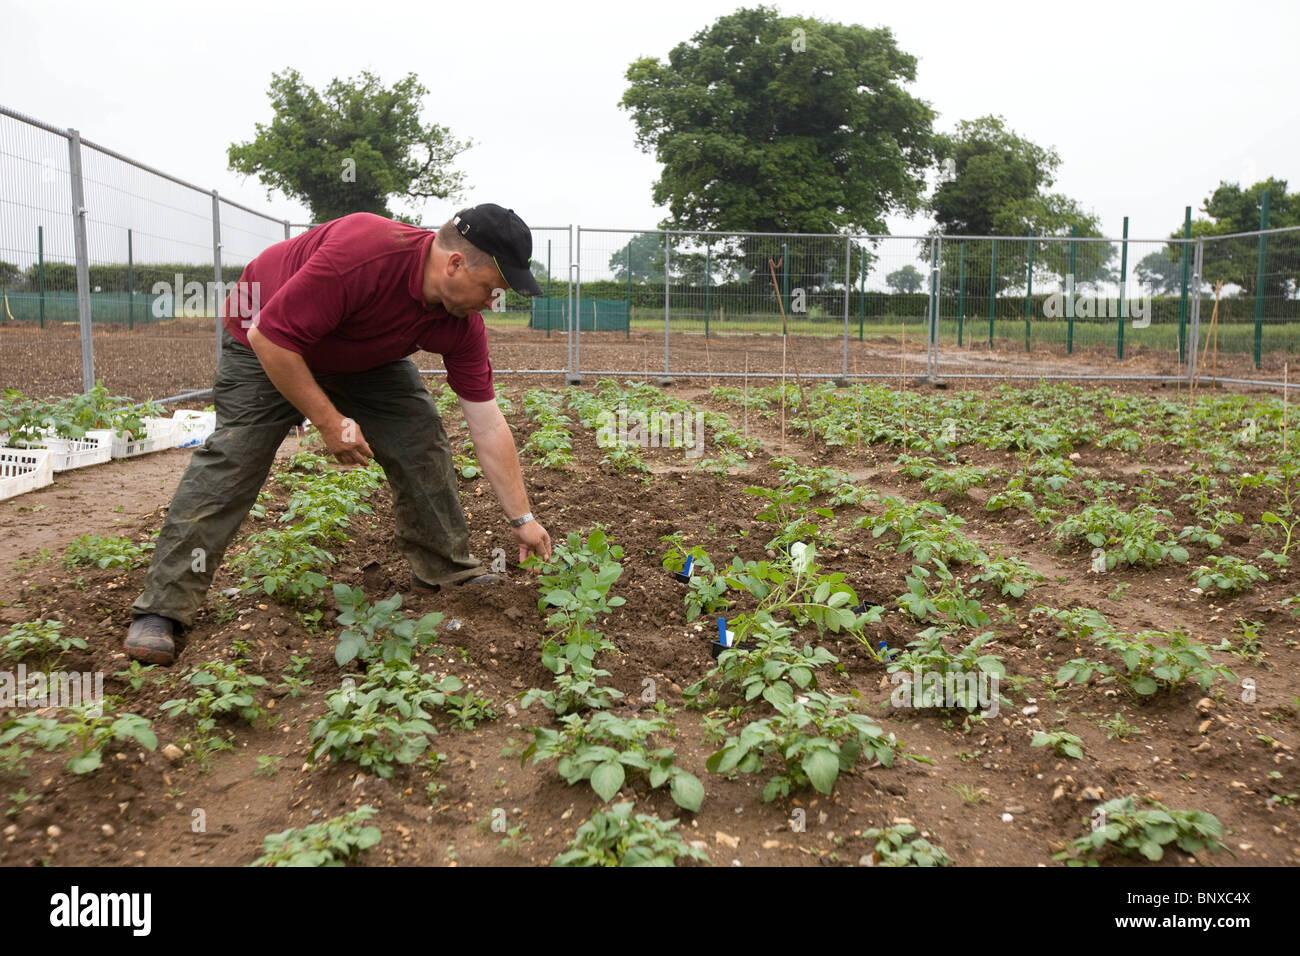 La plantation des pommes de terre génétiquement modifiées à Norfolk, Angleterre Photo Stock